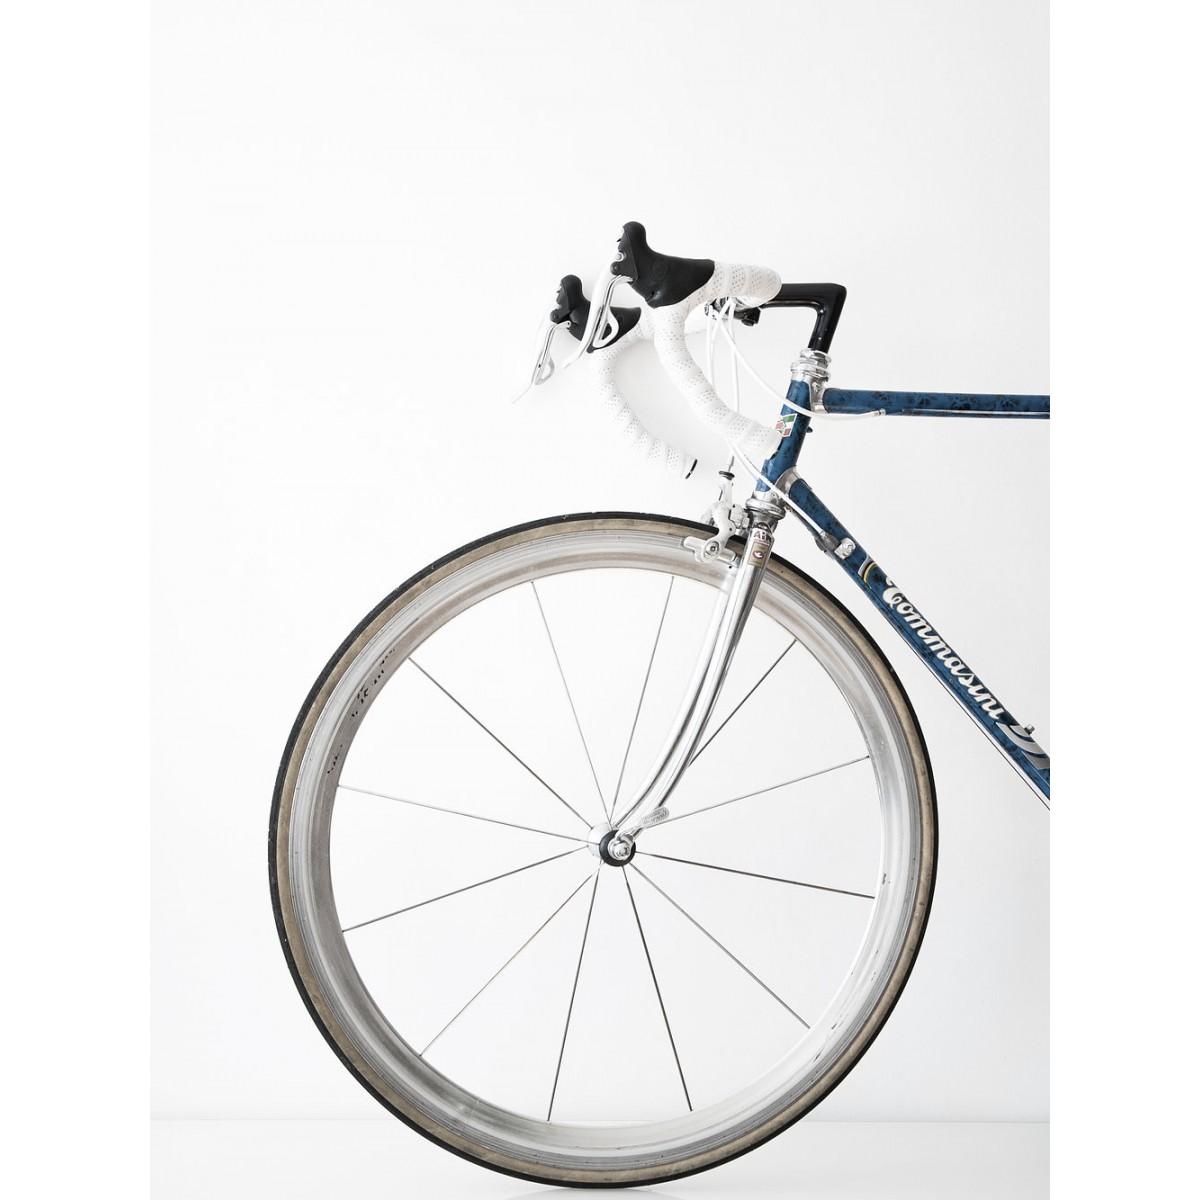 ride my BIKE Artprint - A3, A1 or 50x70  - Poster